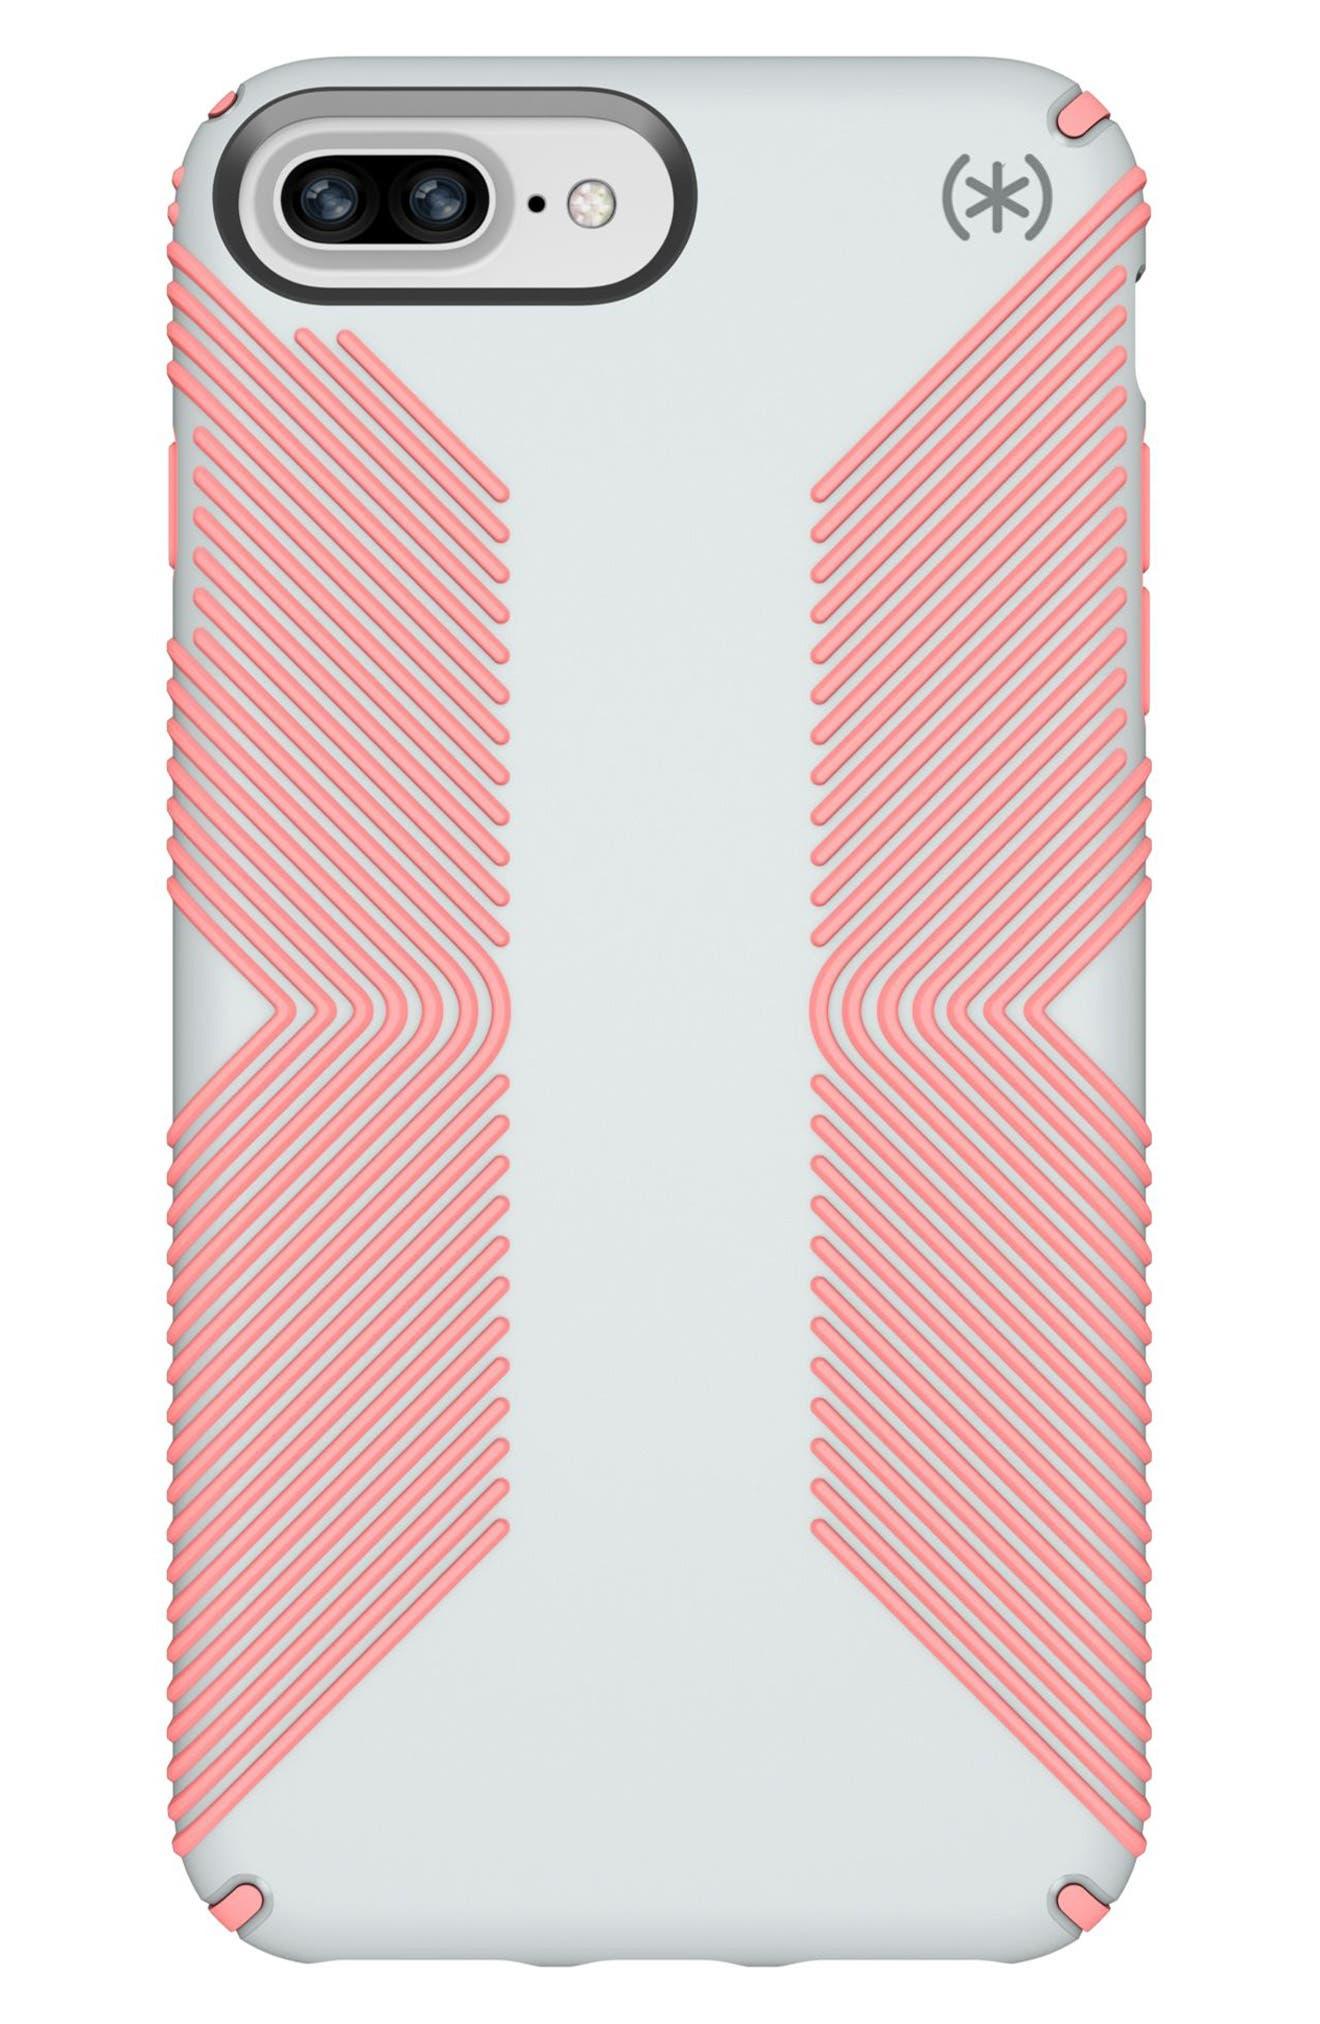 Grip iPhone 6/6s/7/8 Plus Case,                             Main thumbnail 1, color,                             020